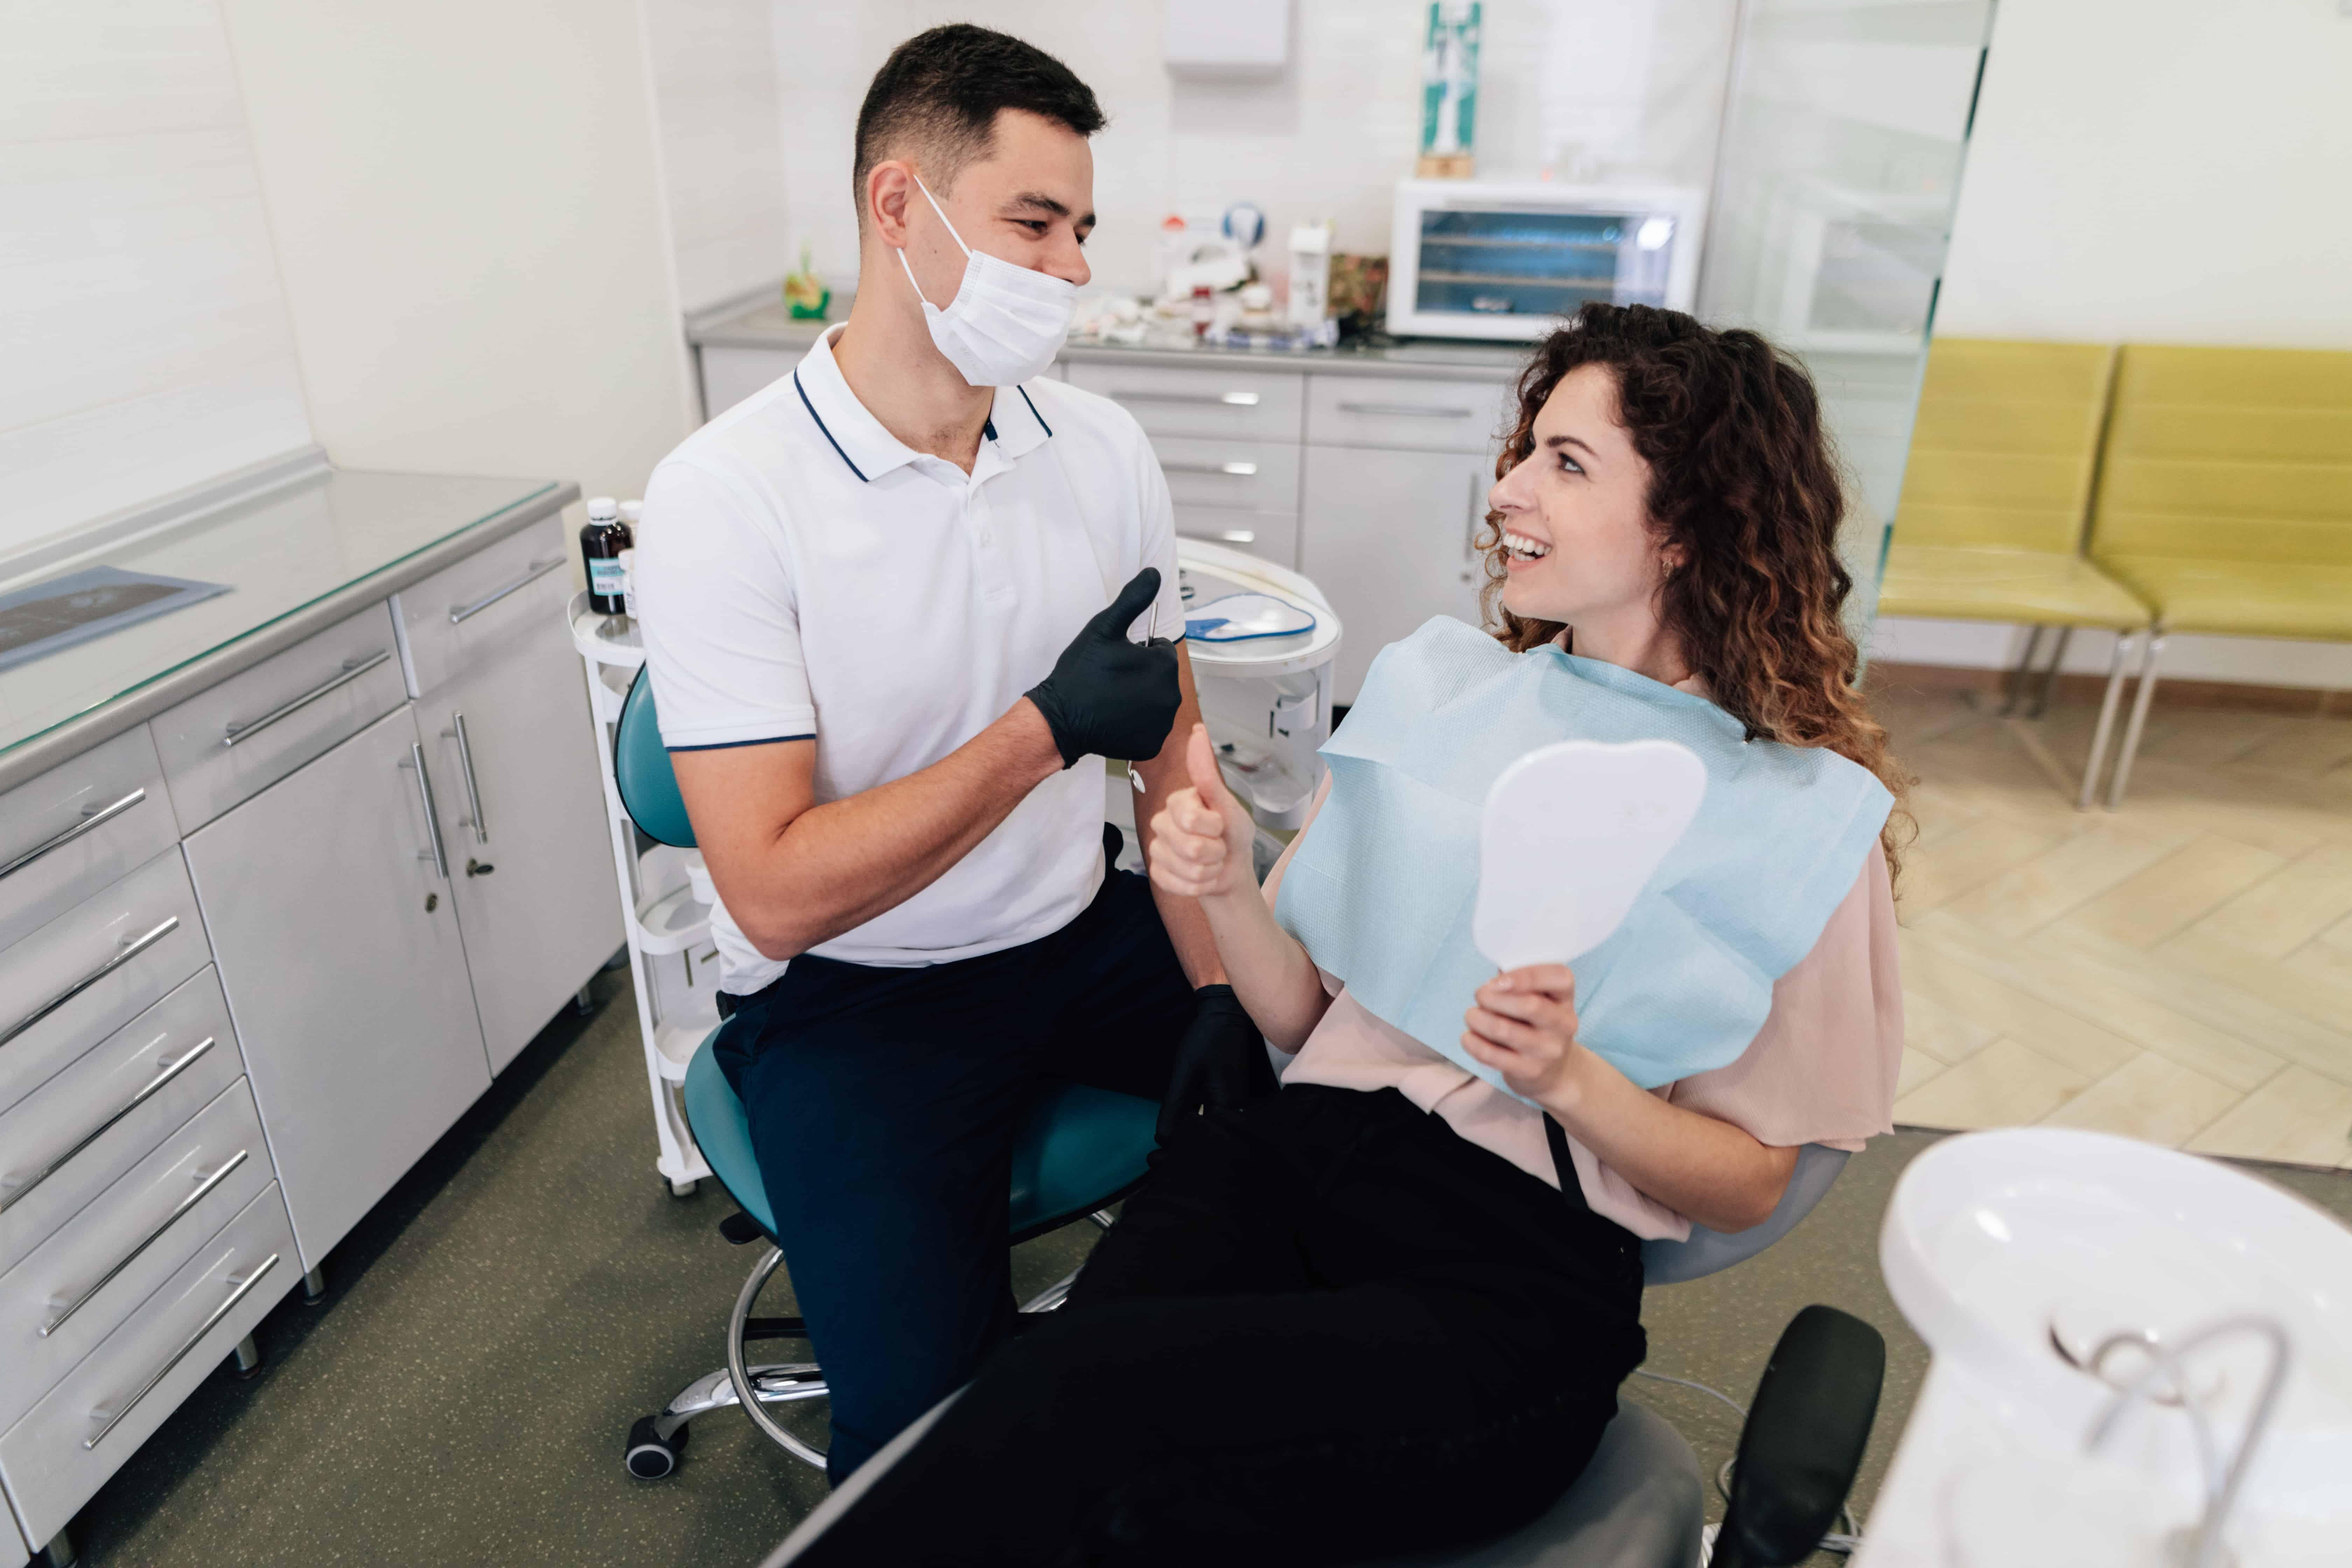 dentista com paciente sentados em caideras em consultório odontológico